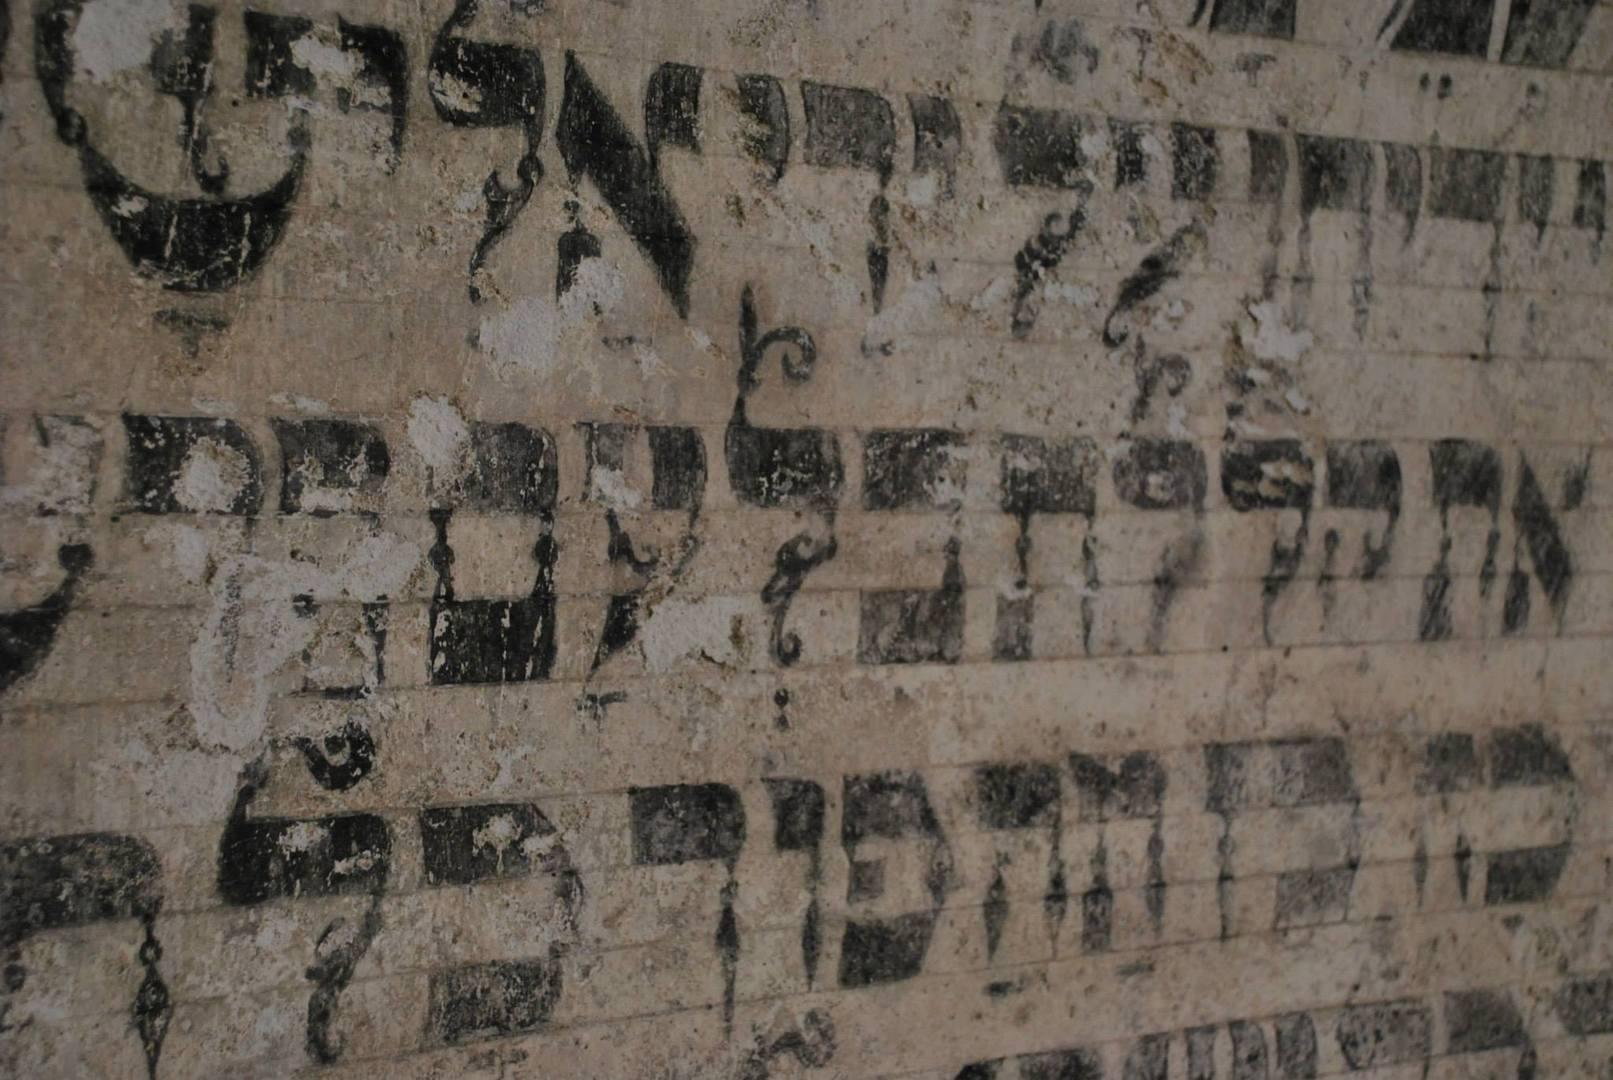 על קירותיו של בית הכנסת מצוירים פסוקים